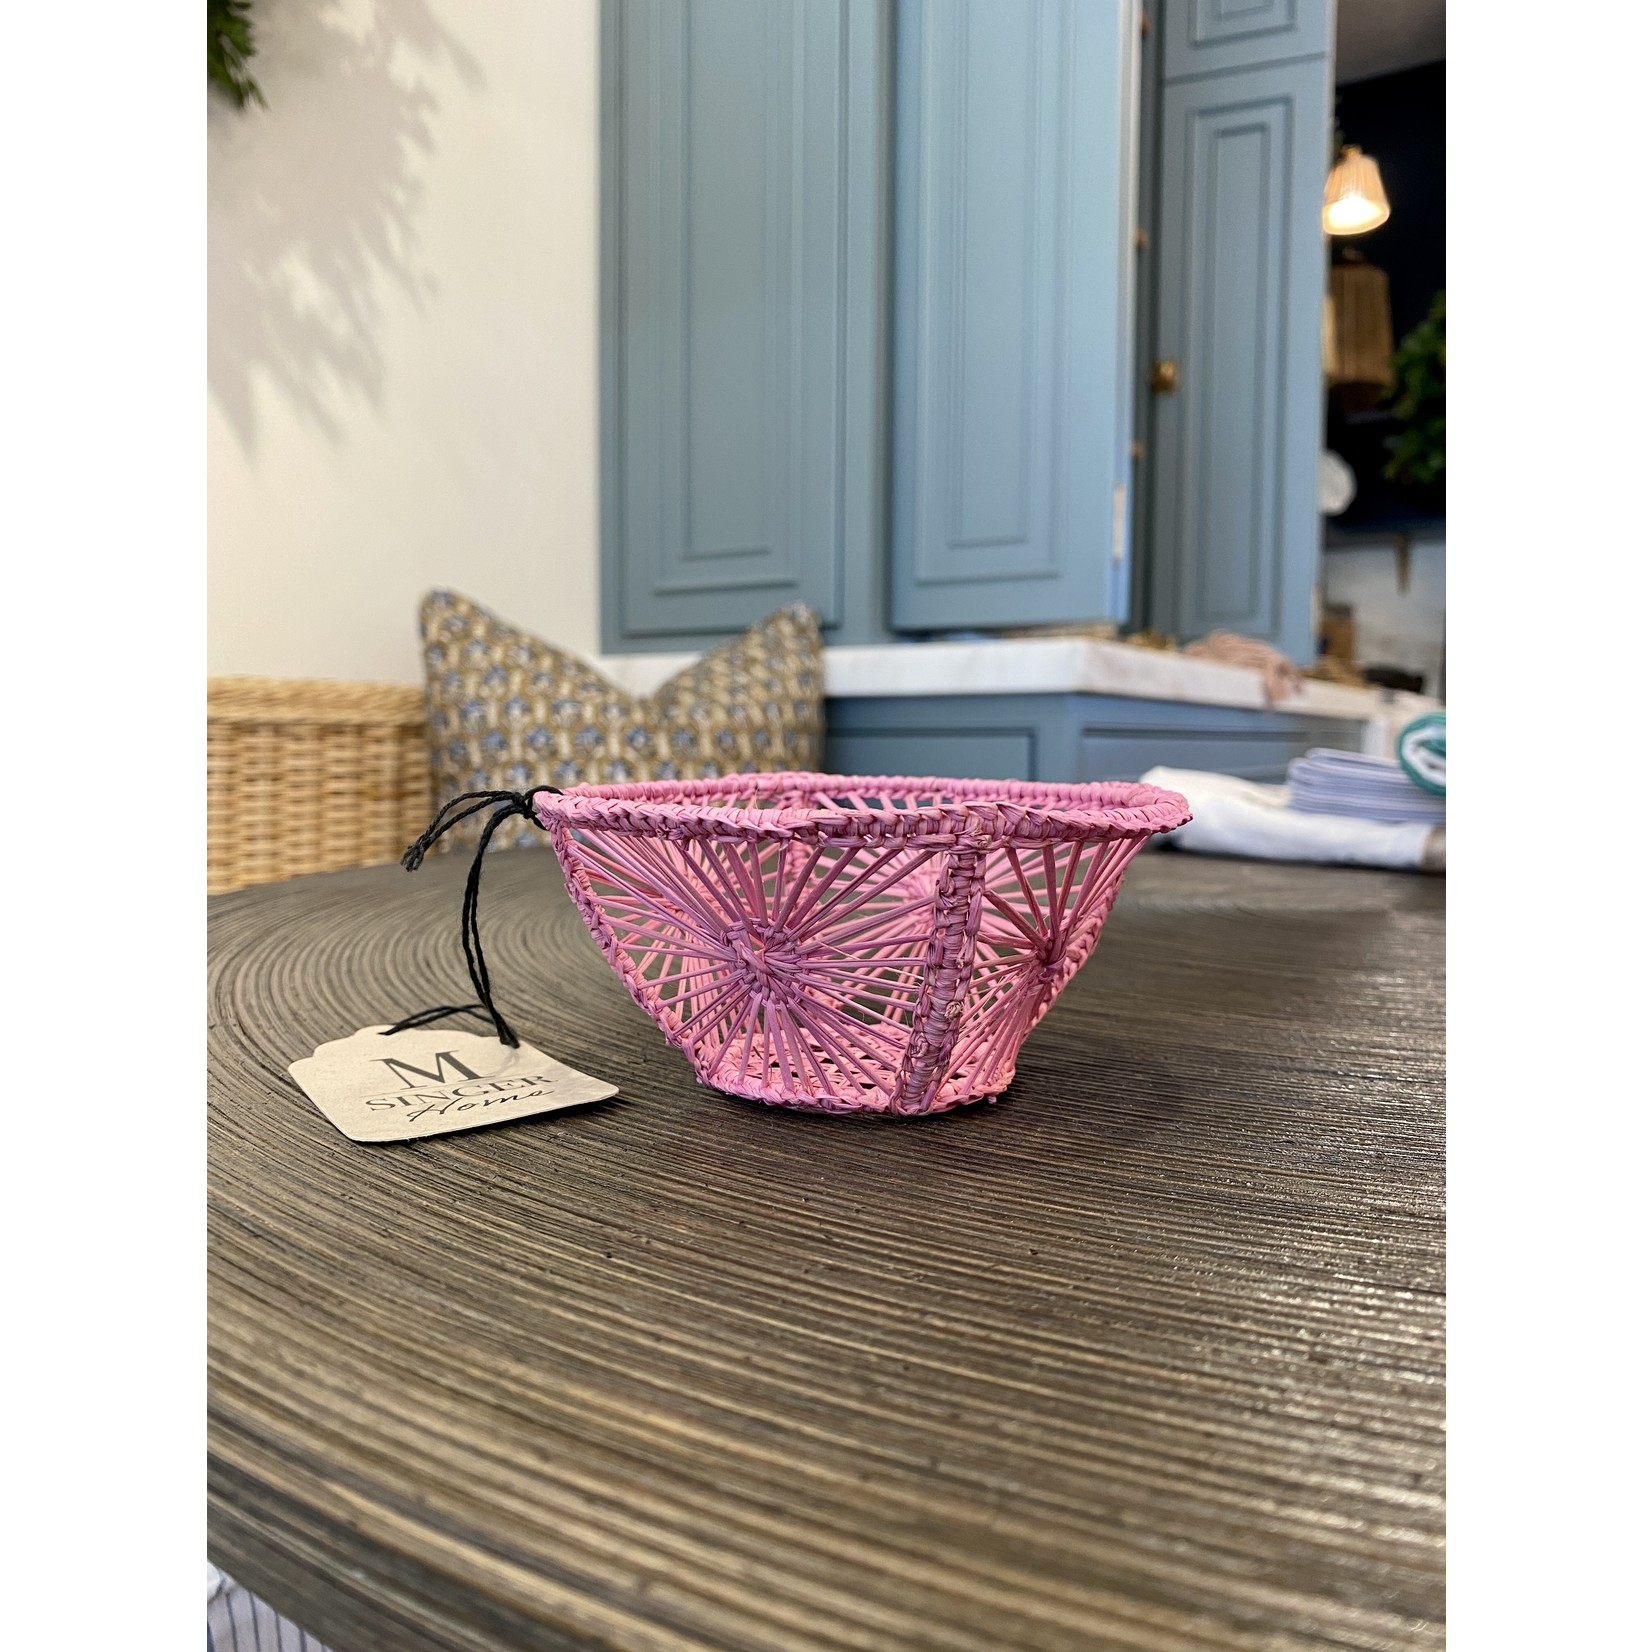 MYTO Design Ritual Mini Bread Basket